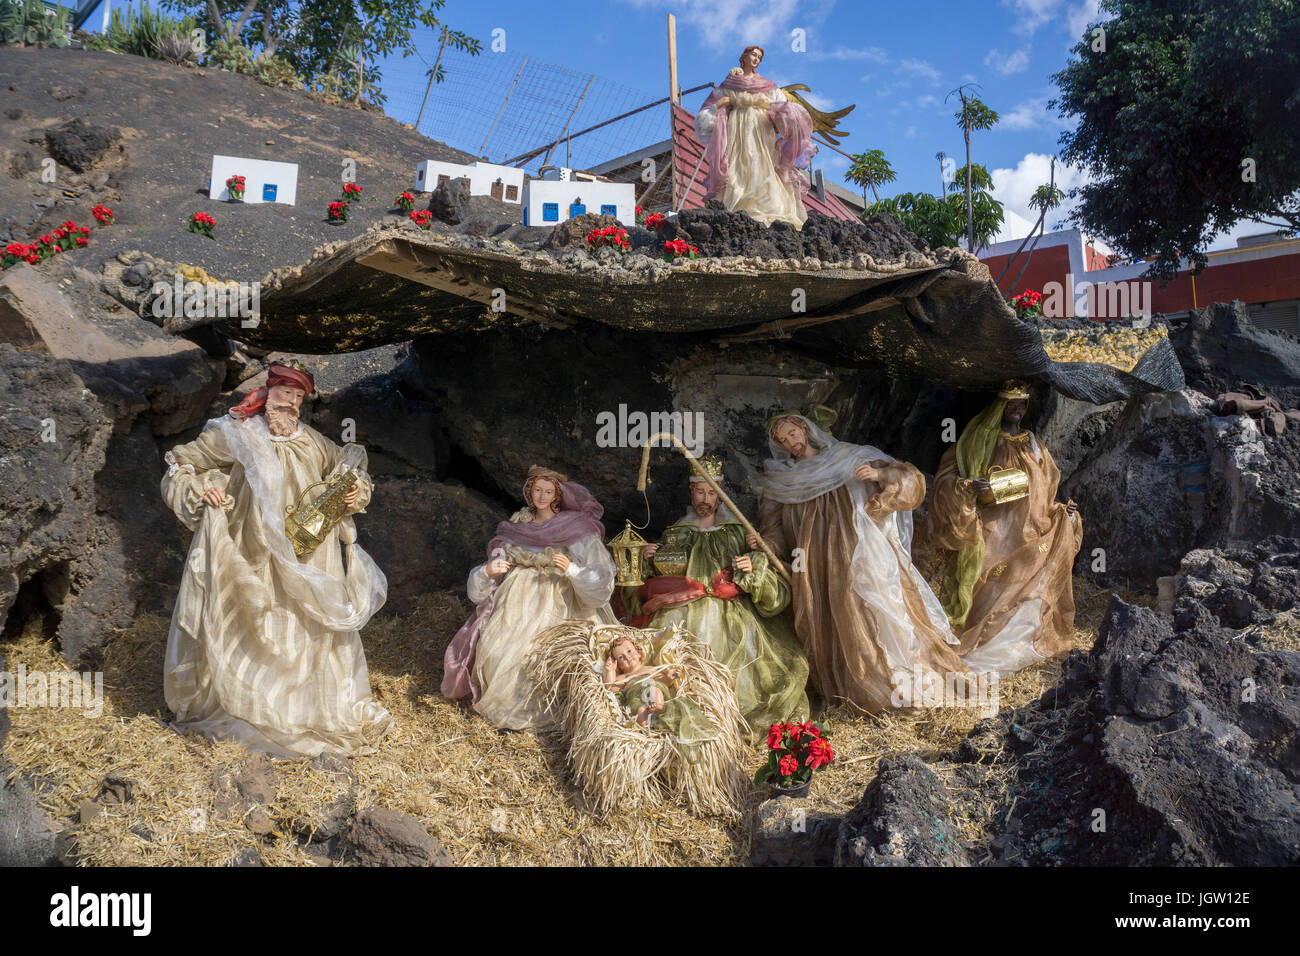 Krippenspiel am Fischerhafen La tinosa, Weihnachten Szene ...